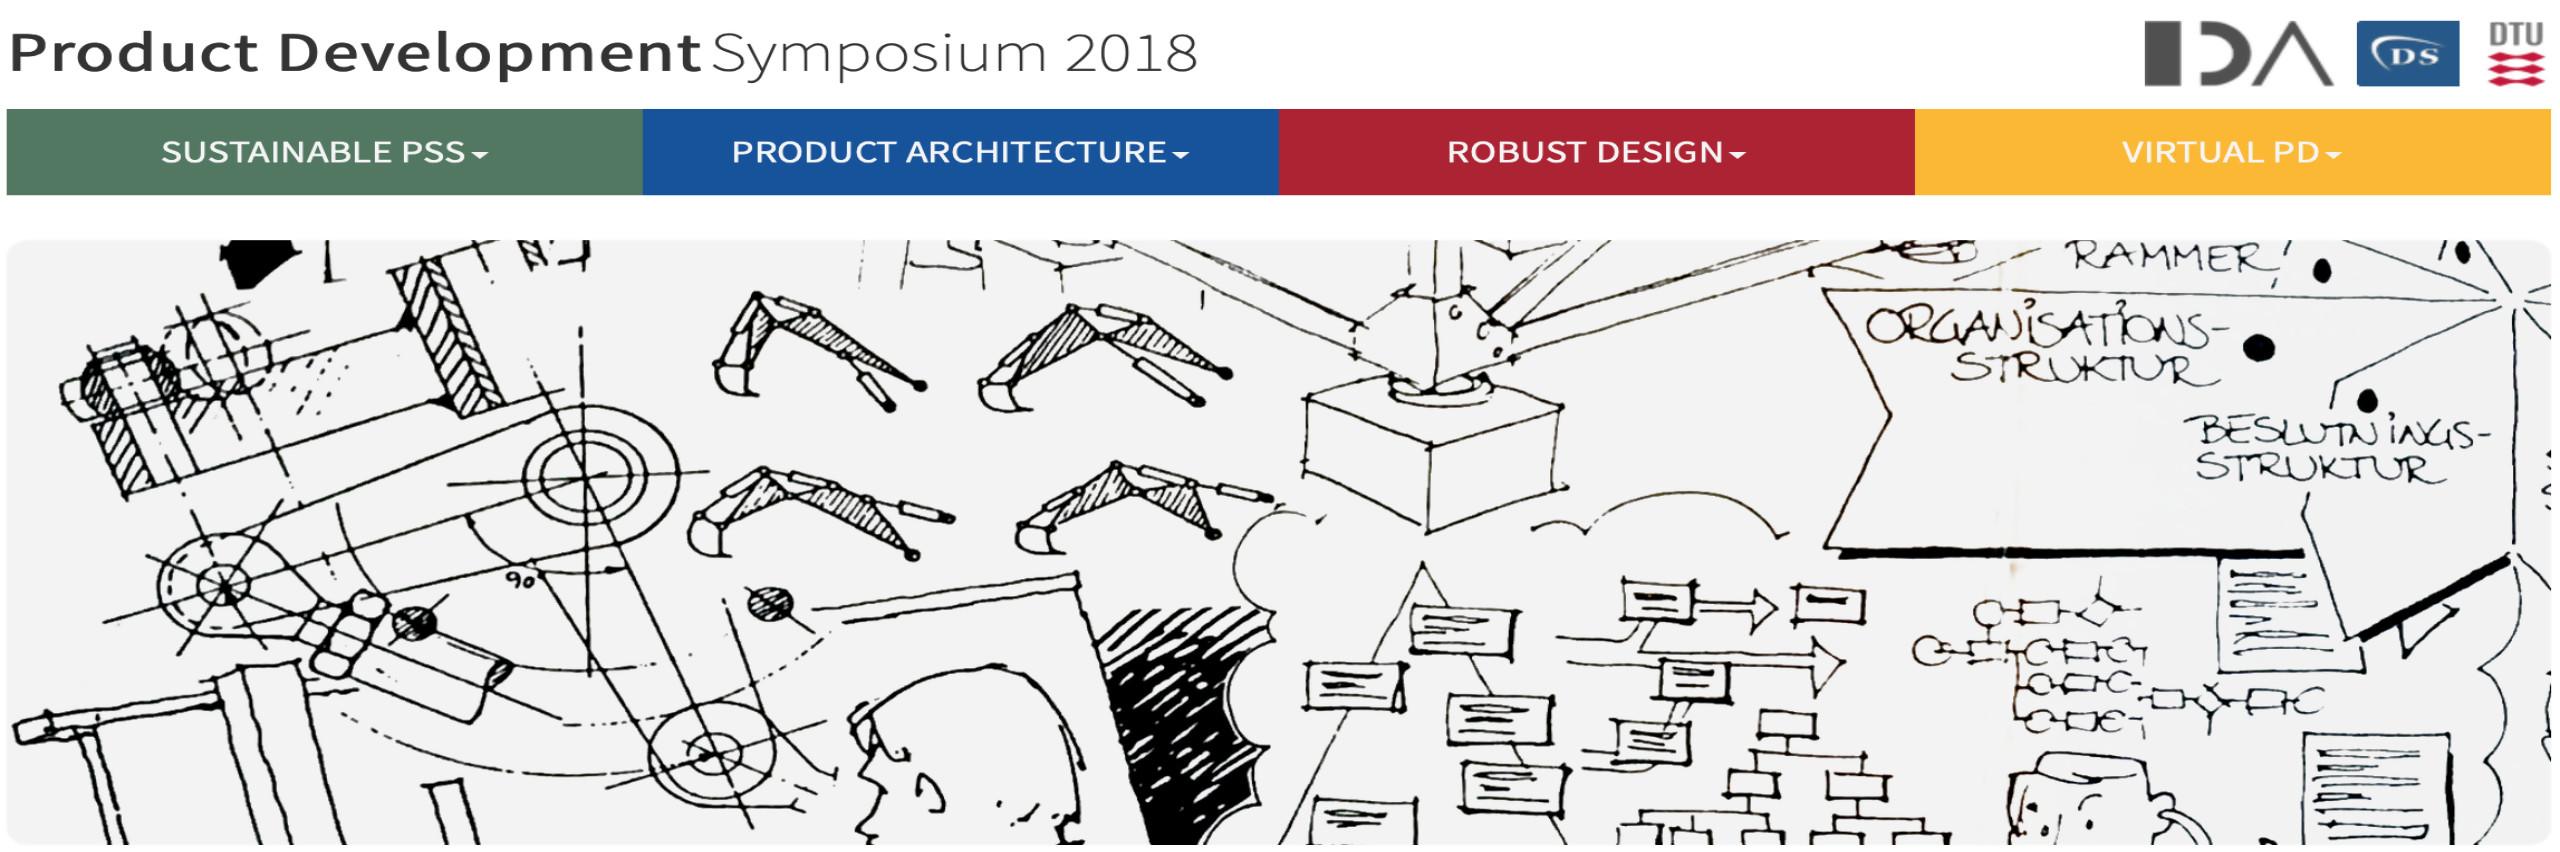 High Tech Summit - Copenhagen 2018